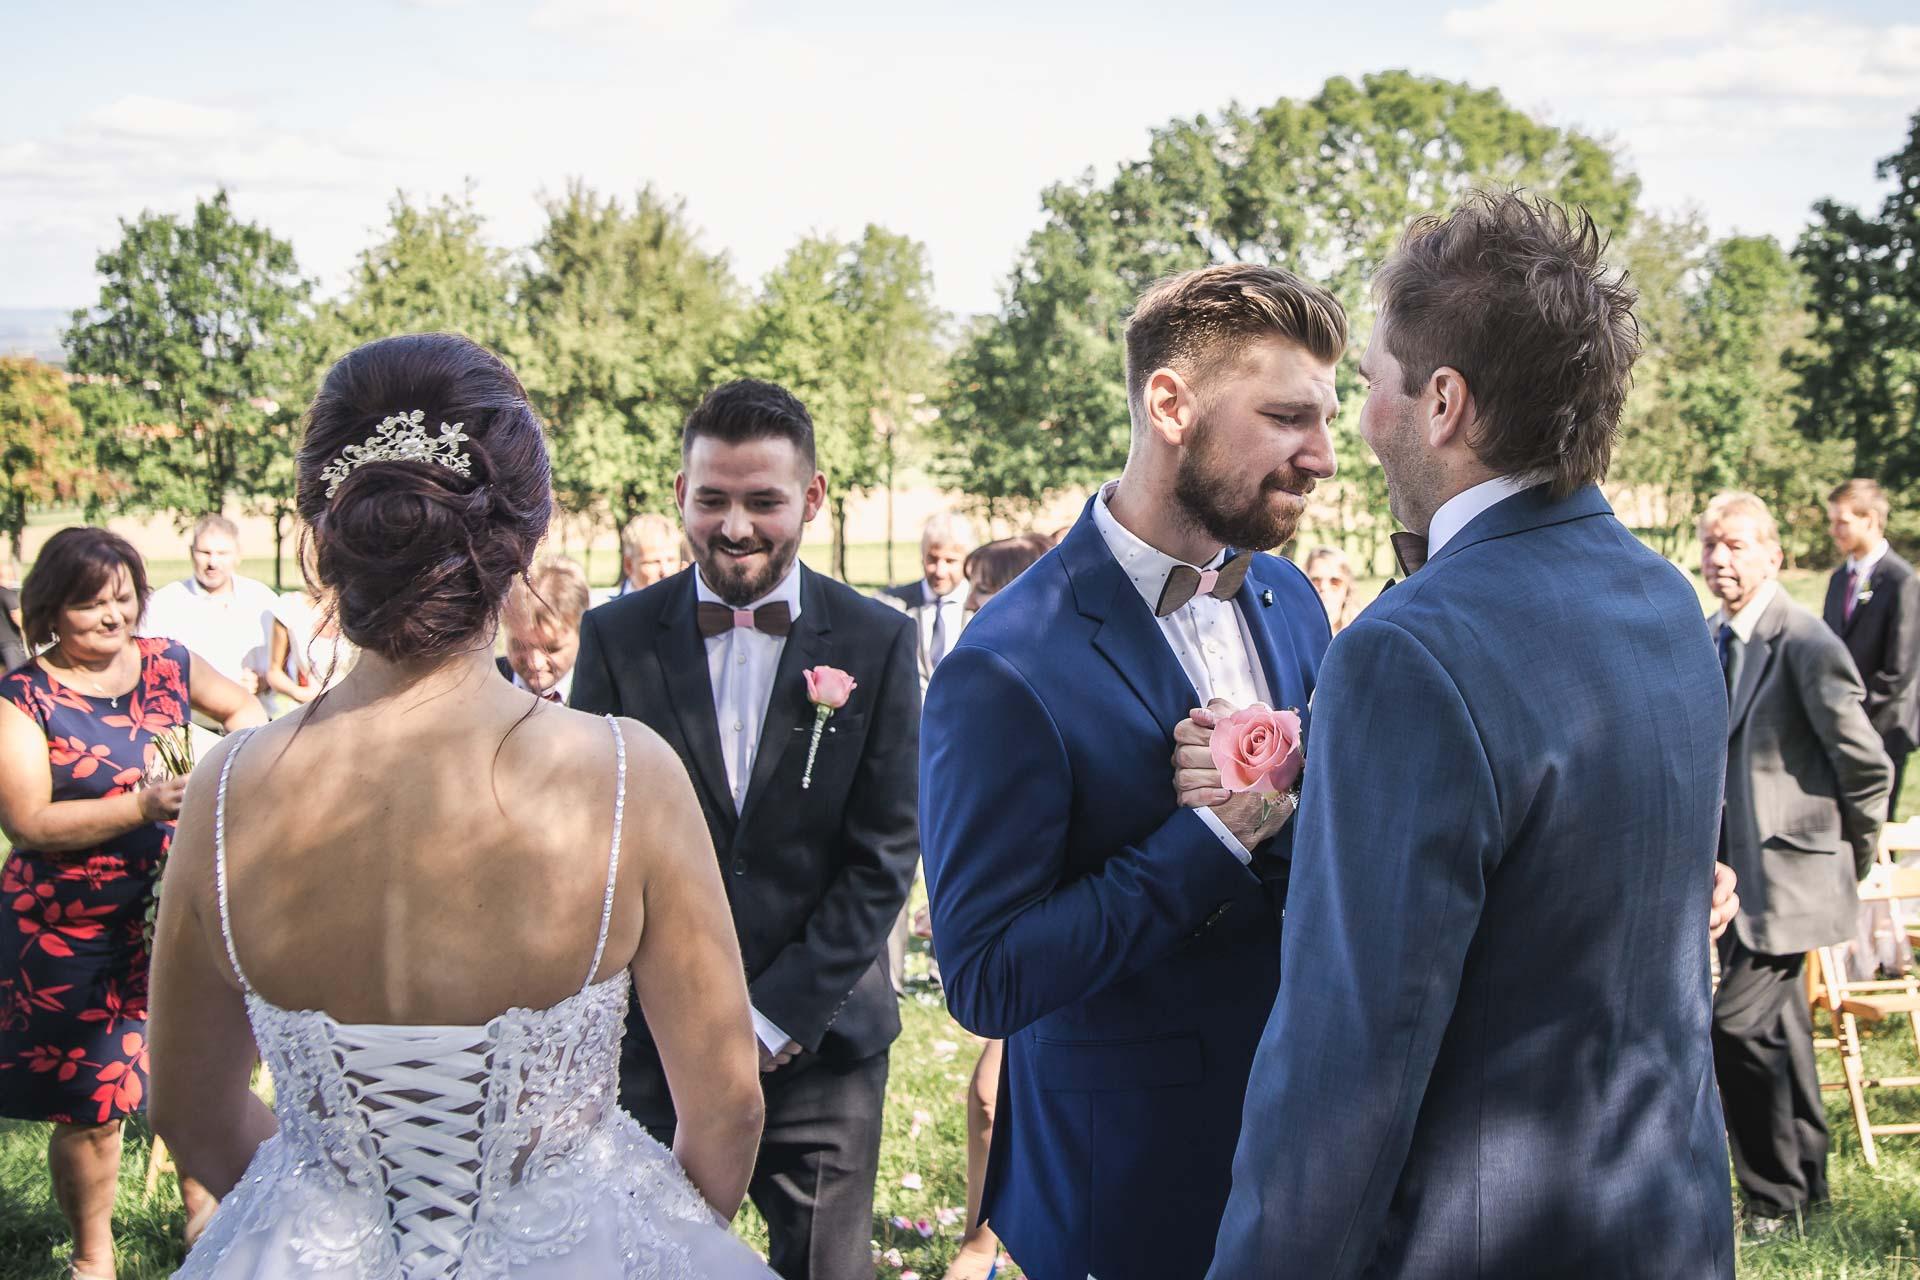 svatební-fotografie-Říp-svatební-video-ŘÍP-svatební-fotograf-ŘÍP-svatba-Mělník-svatba-Neratovice-fotograf-na-savtbu-kameraman-na-svatbu-125